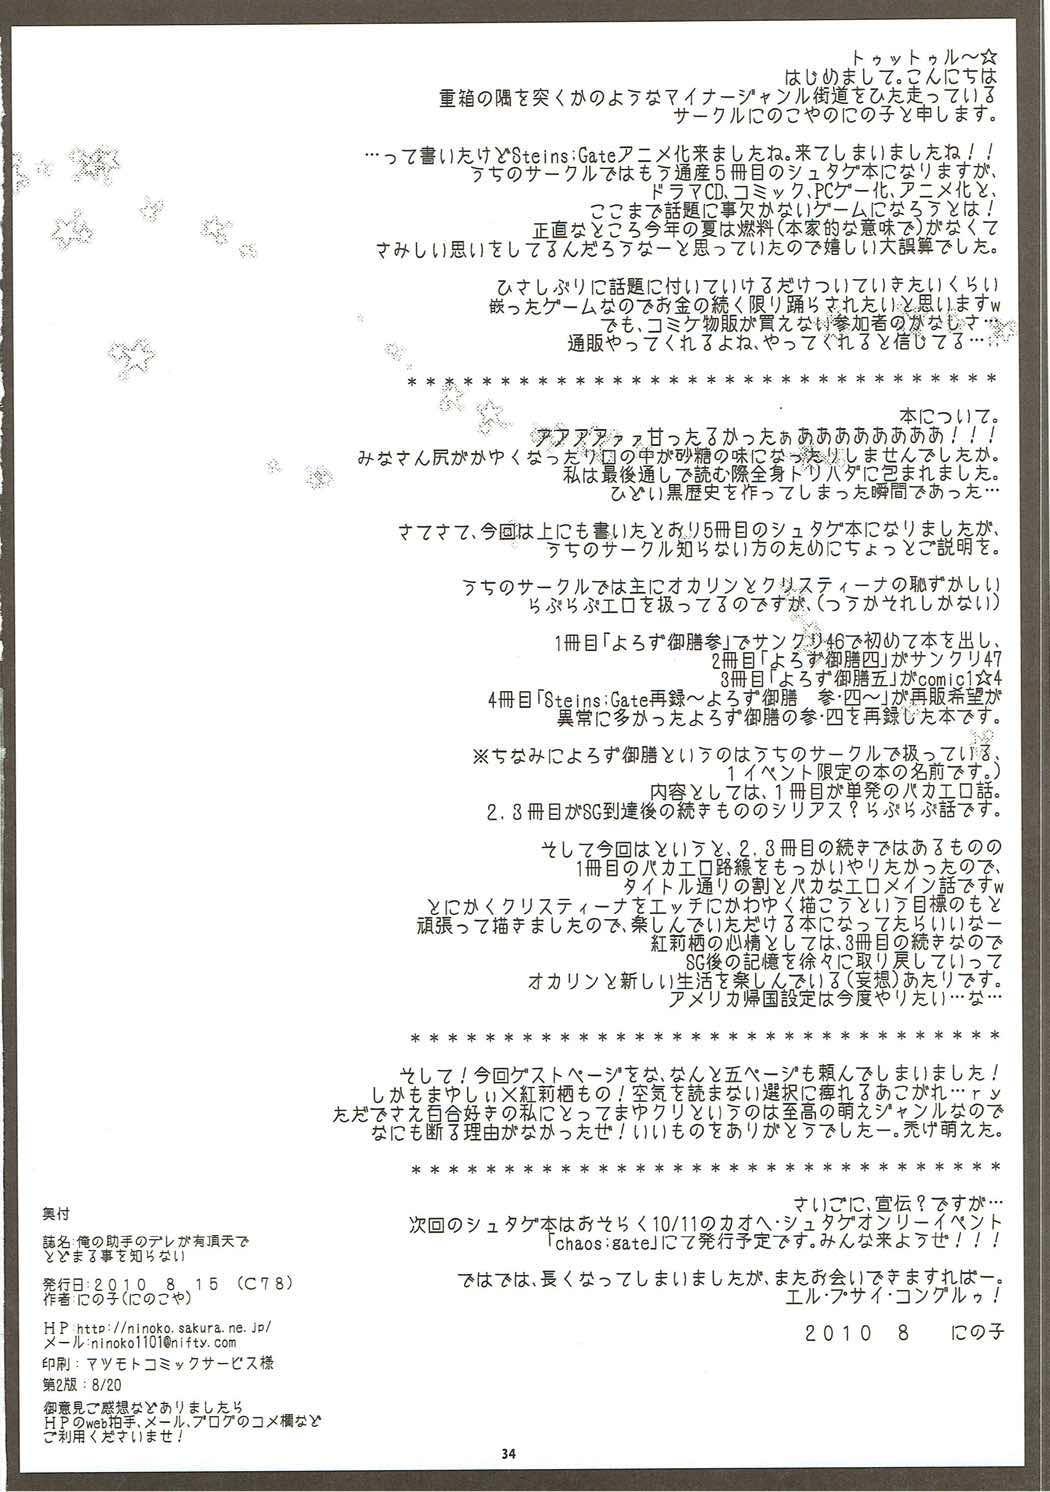 Ore no Joshu no Dere ga Uchouten de Todomaru Koto o Shiranai 32